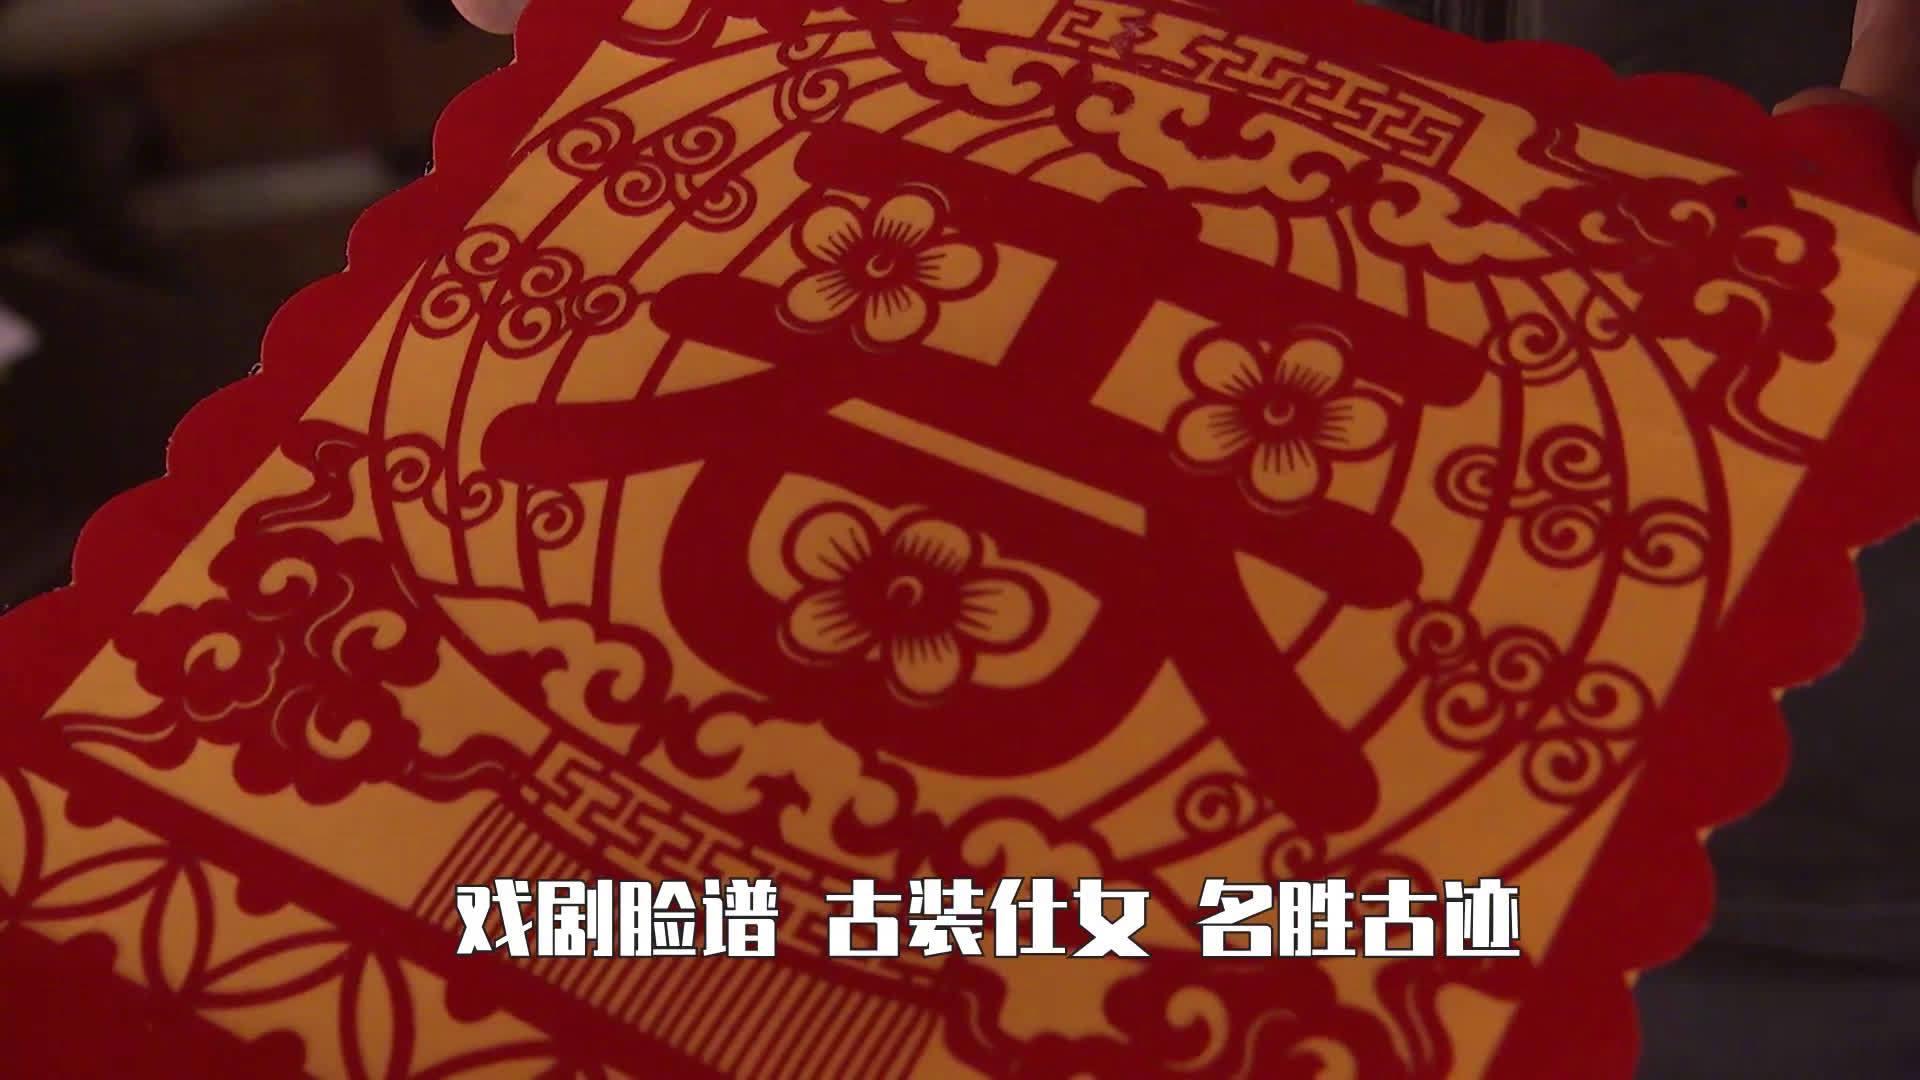 张家口蔚县手工艺品(剪纸)产业